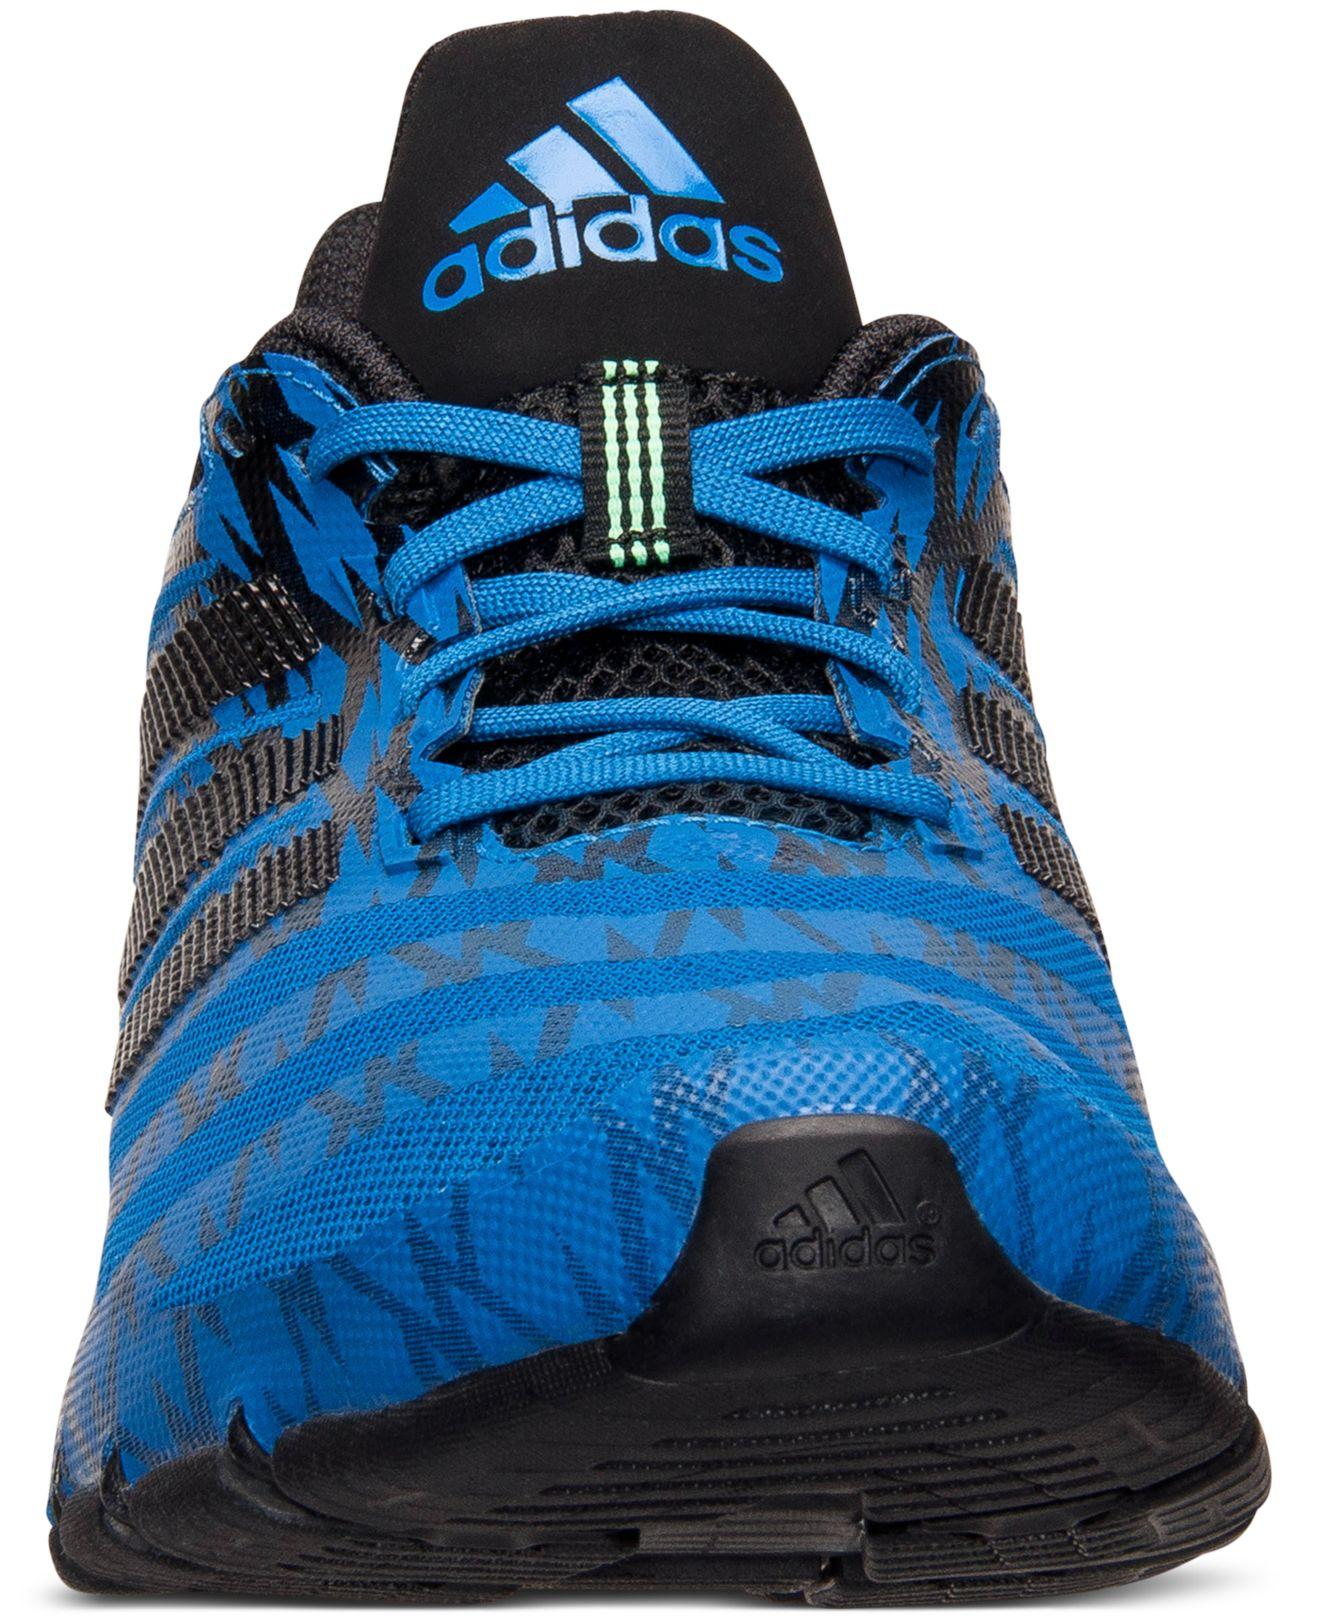 new concept 176f0 caa42 ... adidas springblade ignite sky blue black ...